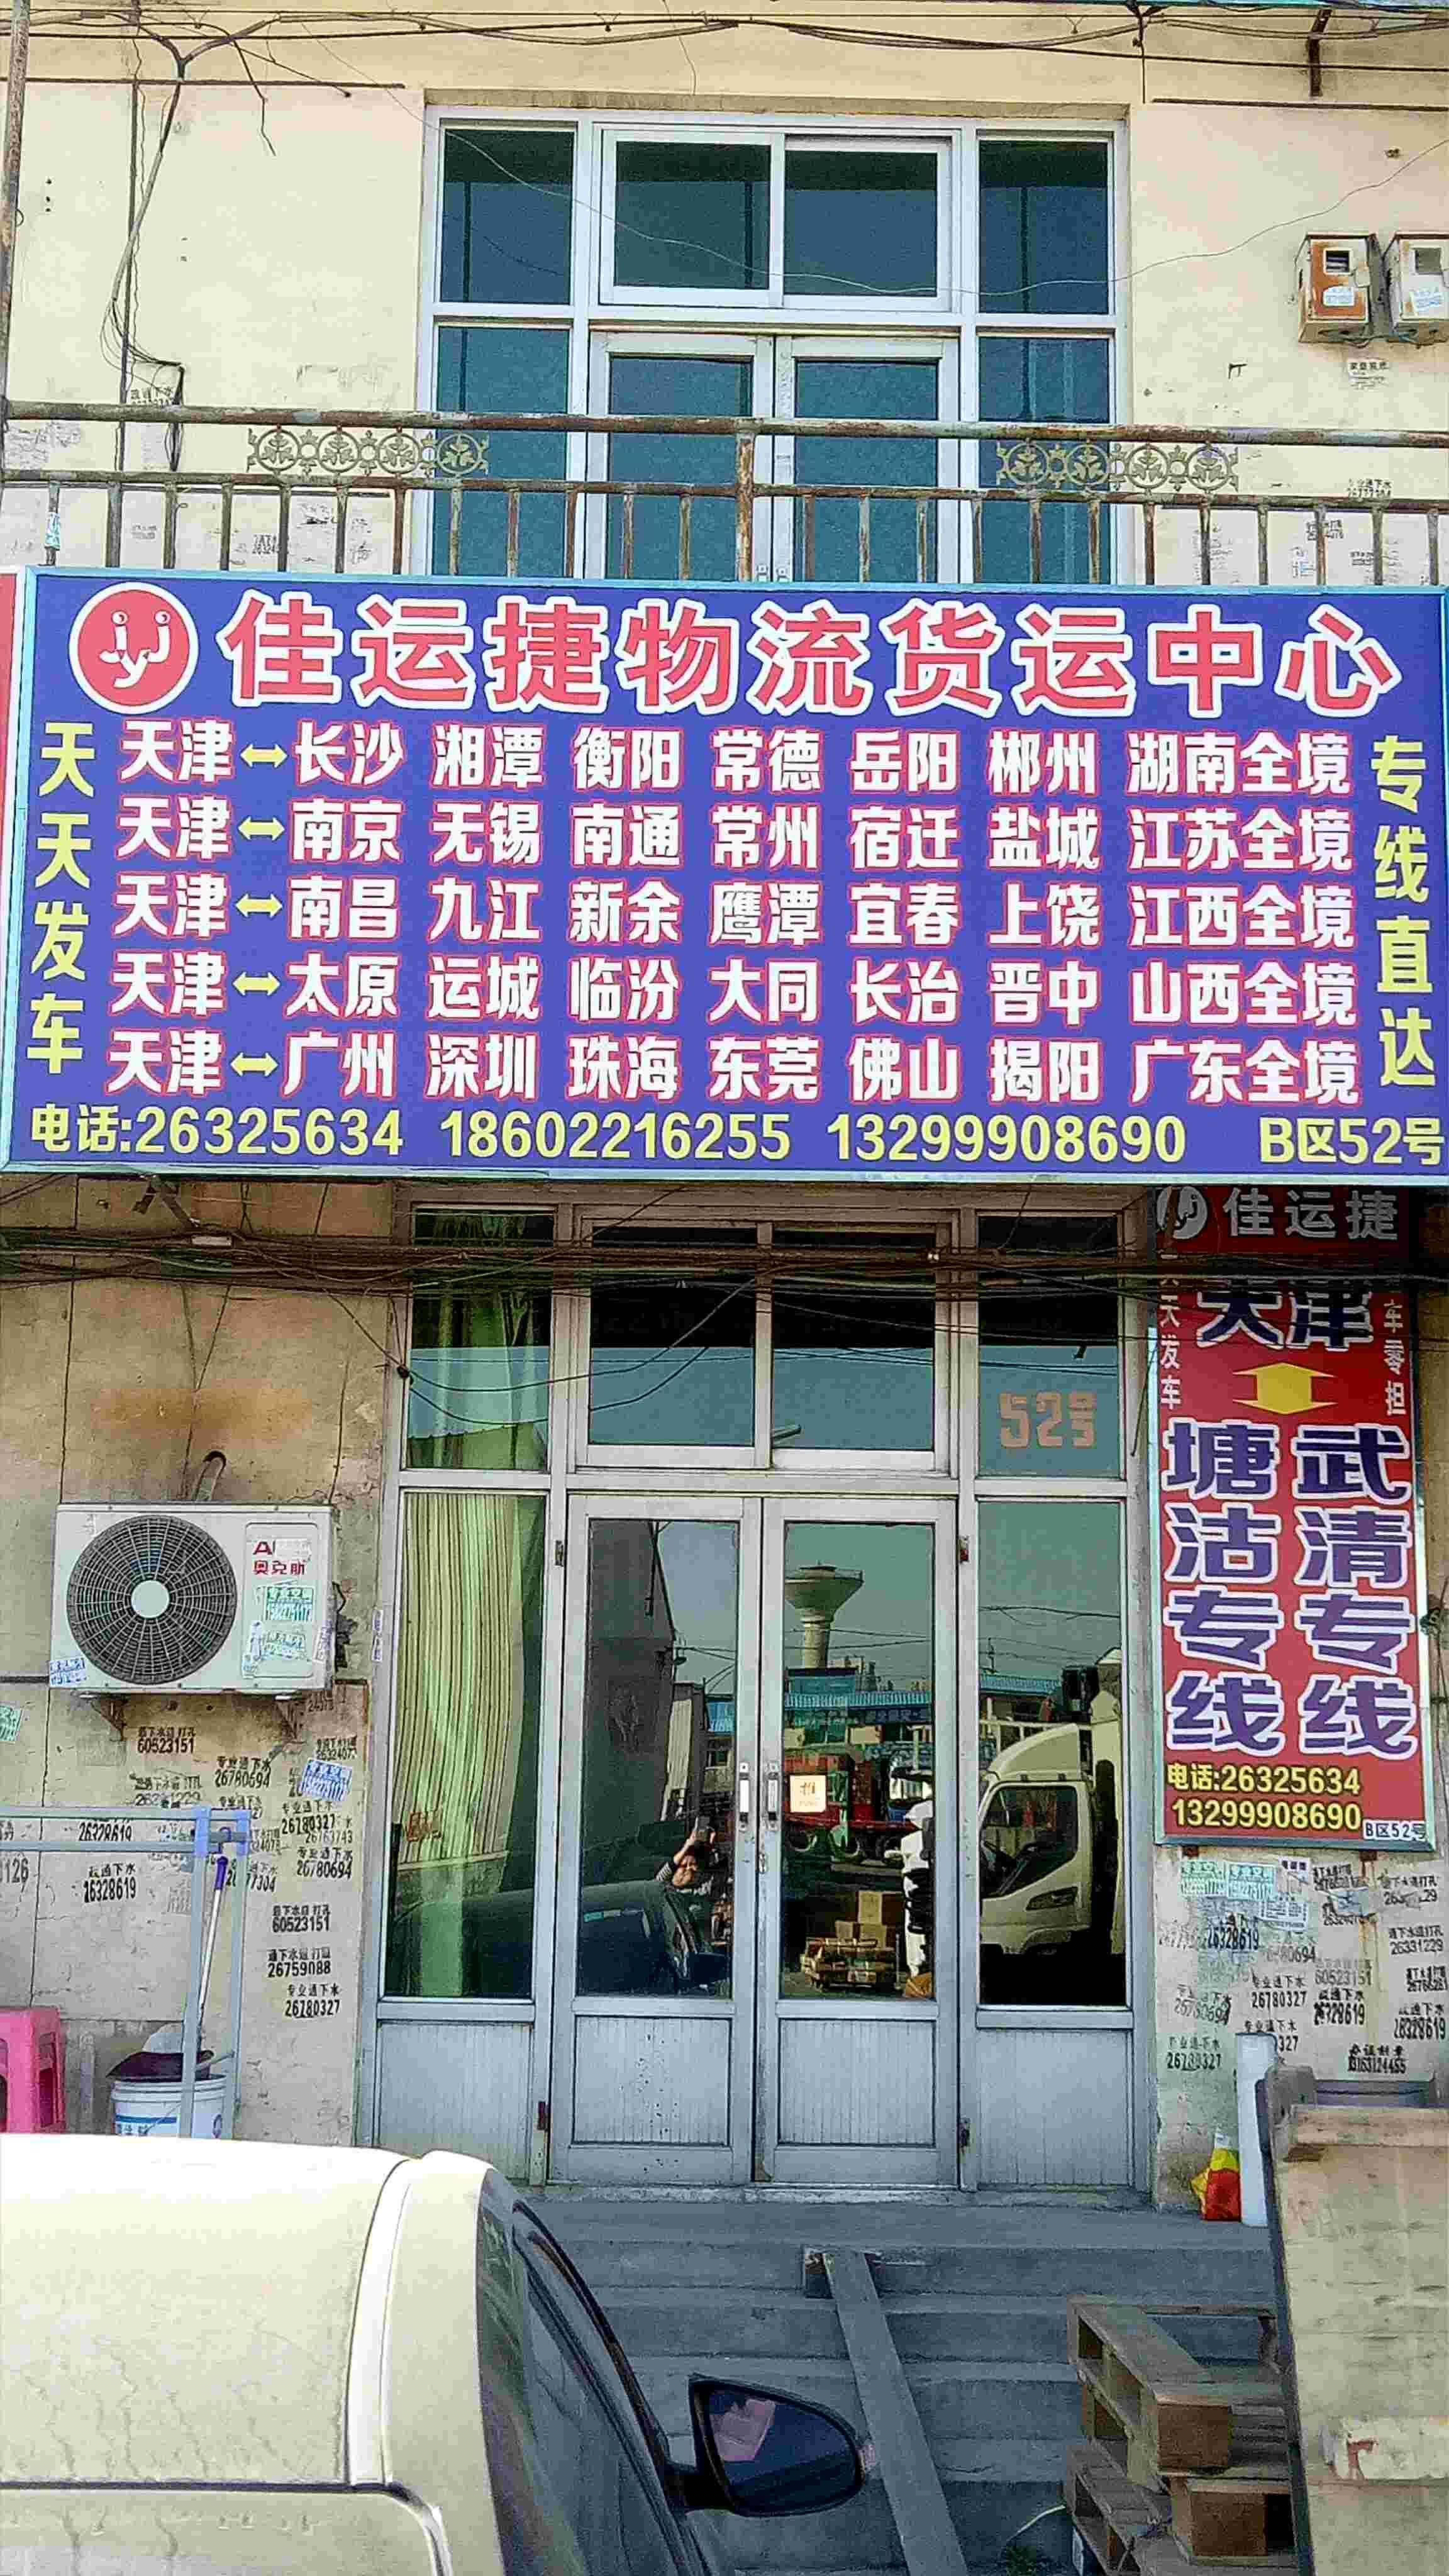 天津到威海物流专线(天津市佳运捷货运有限公司)